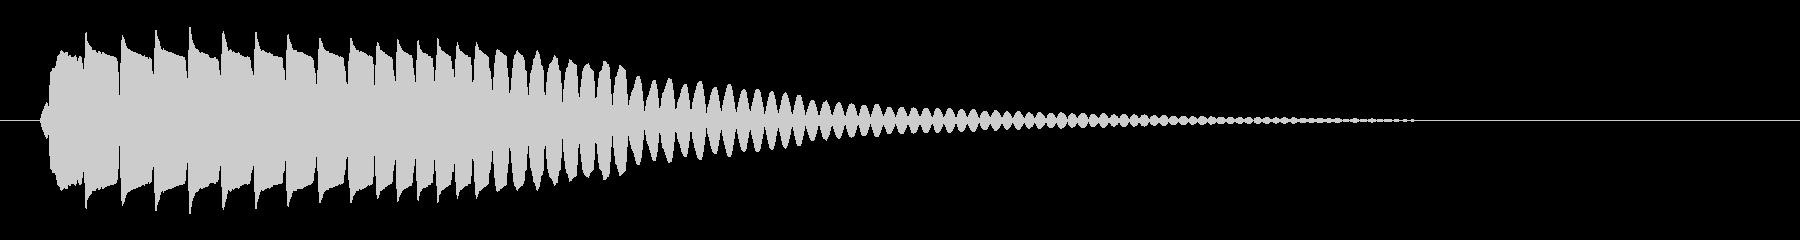 ポォヨン(コミカル)の未再生の波形